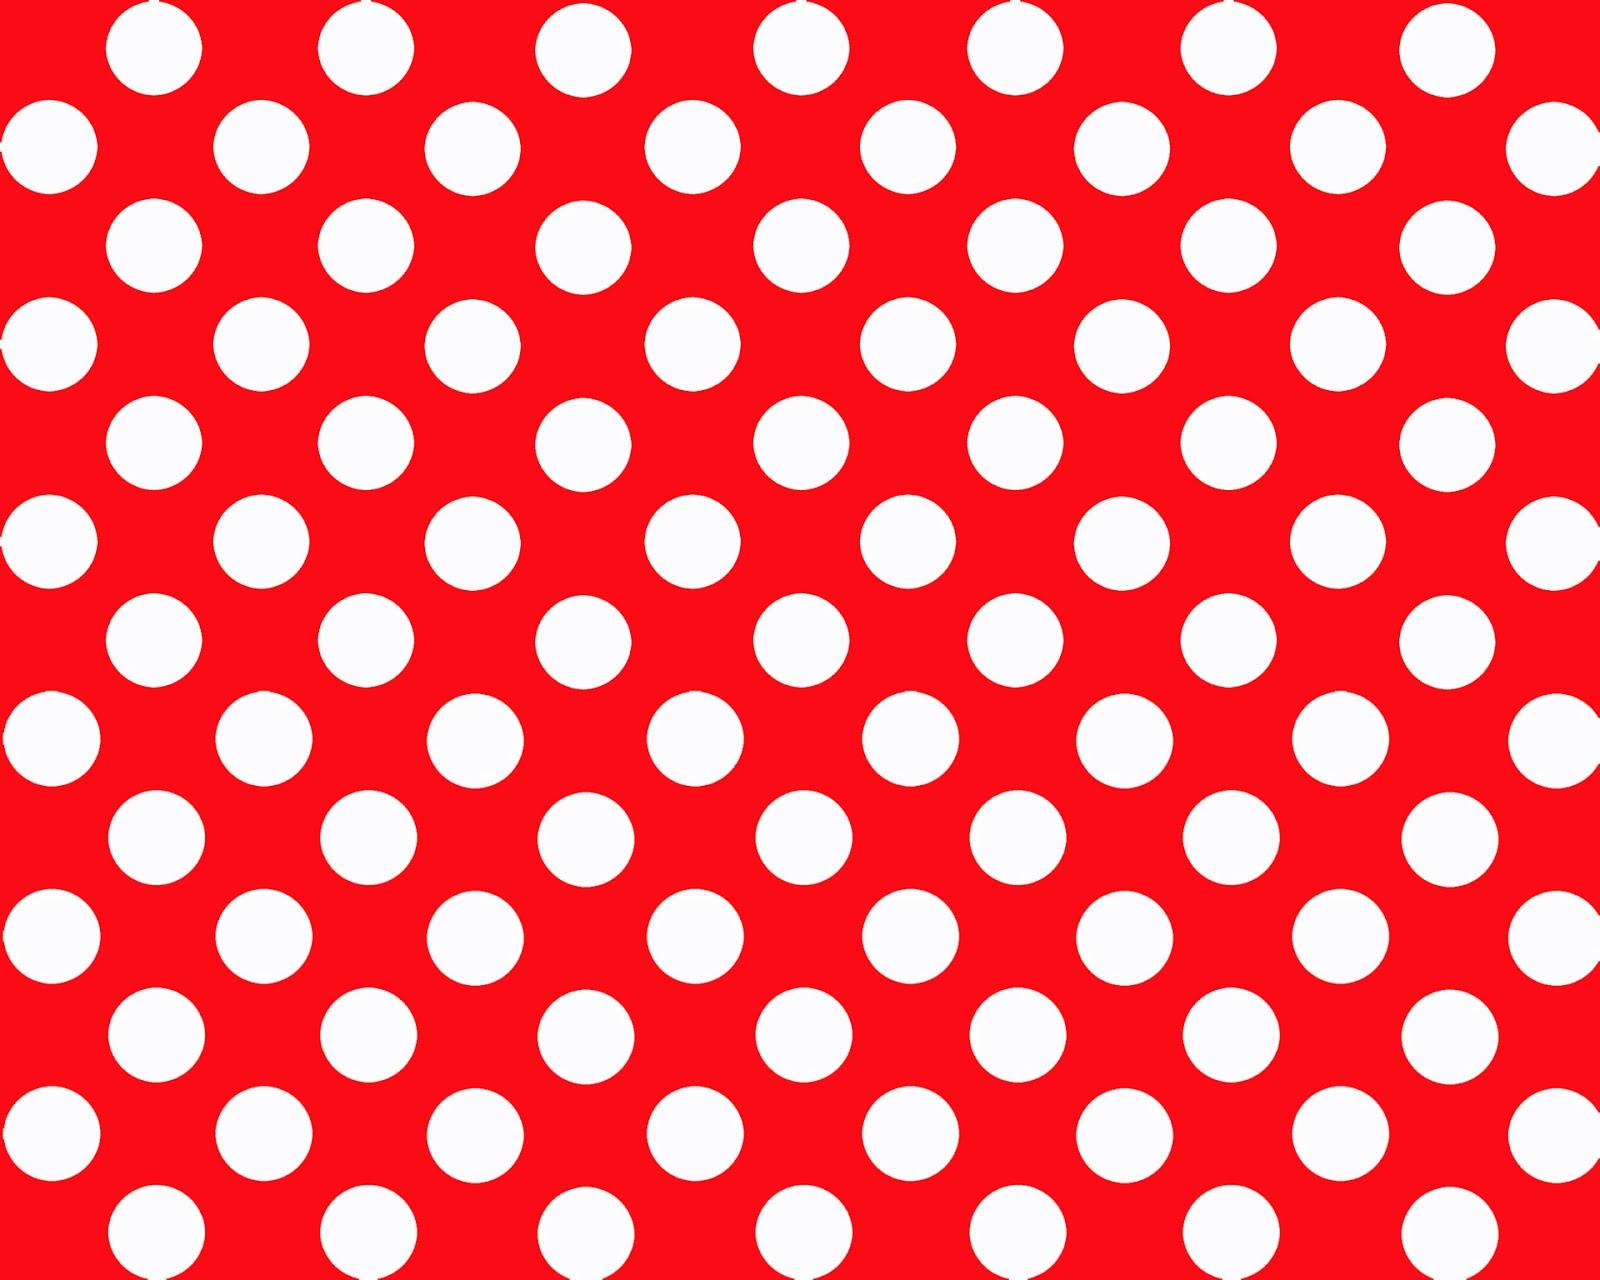 polkadots polkadot backgrounds